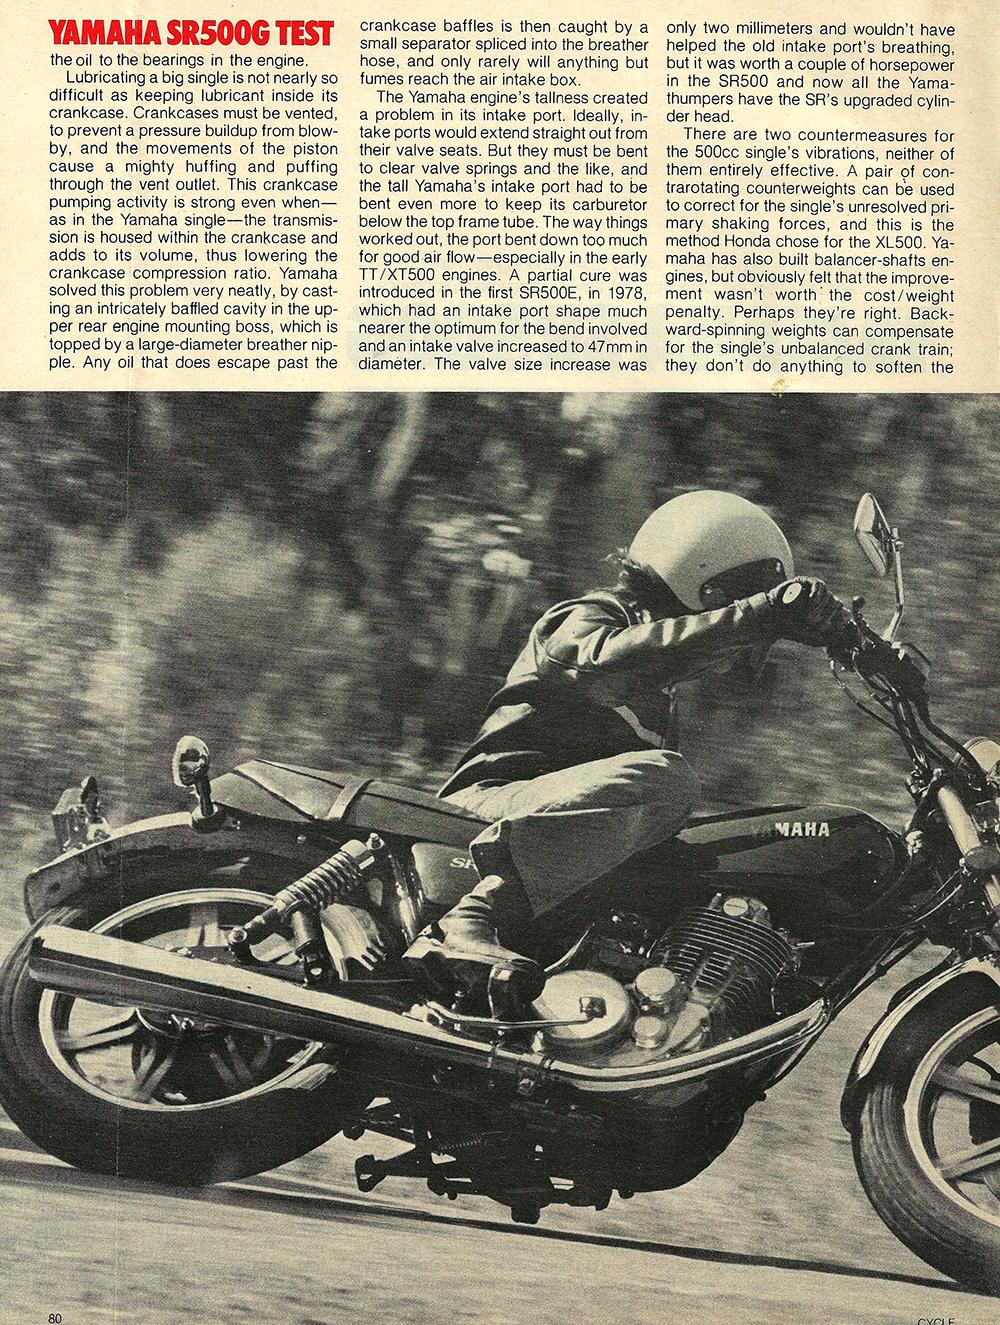 1980 Yamaha SR500 G road test 03.jpg